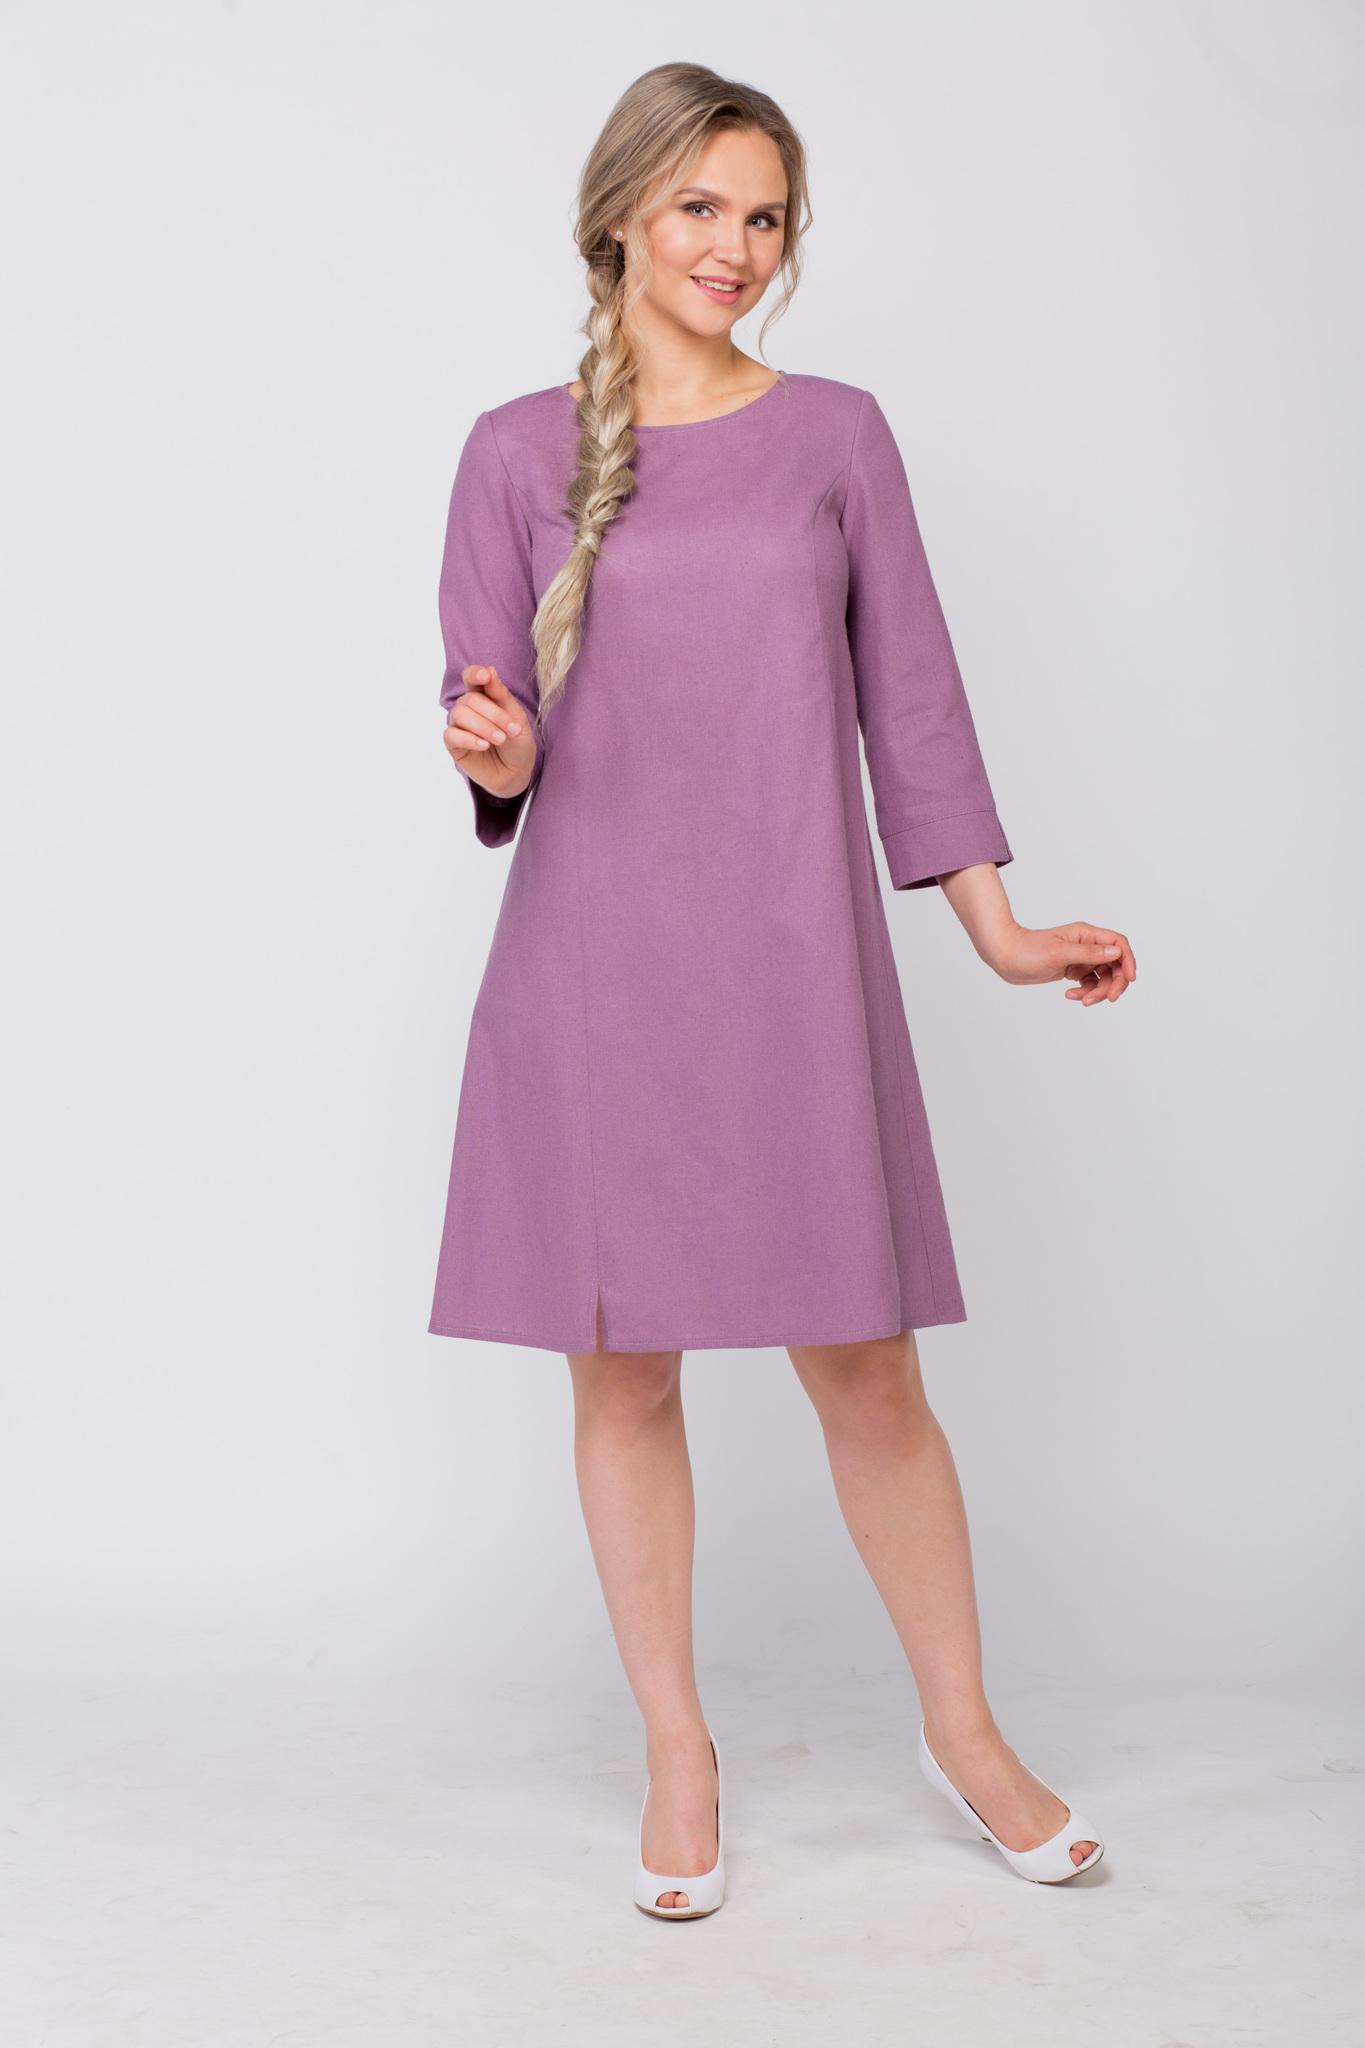 Платье льняное Лаванда от Иванки